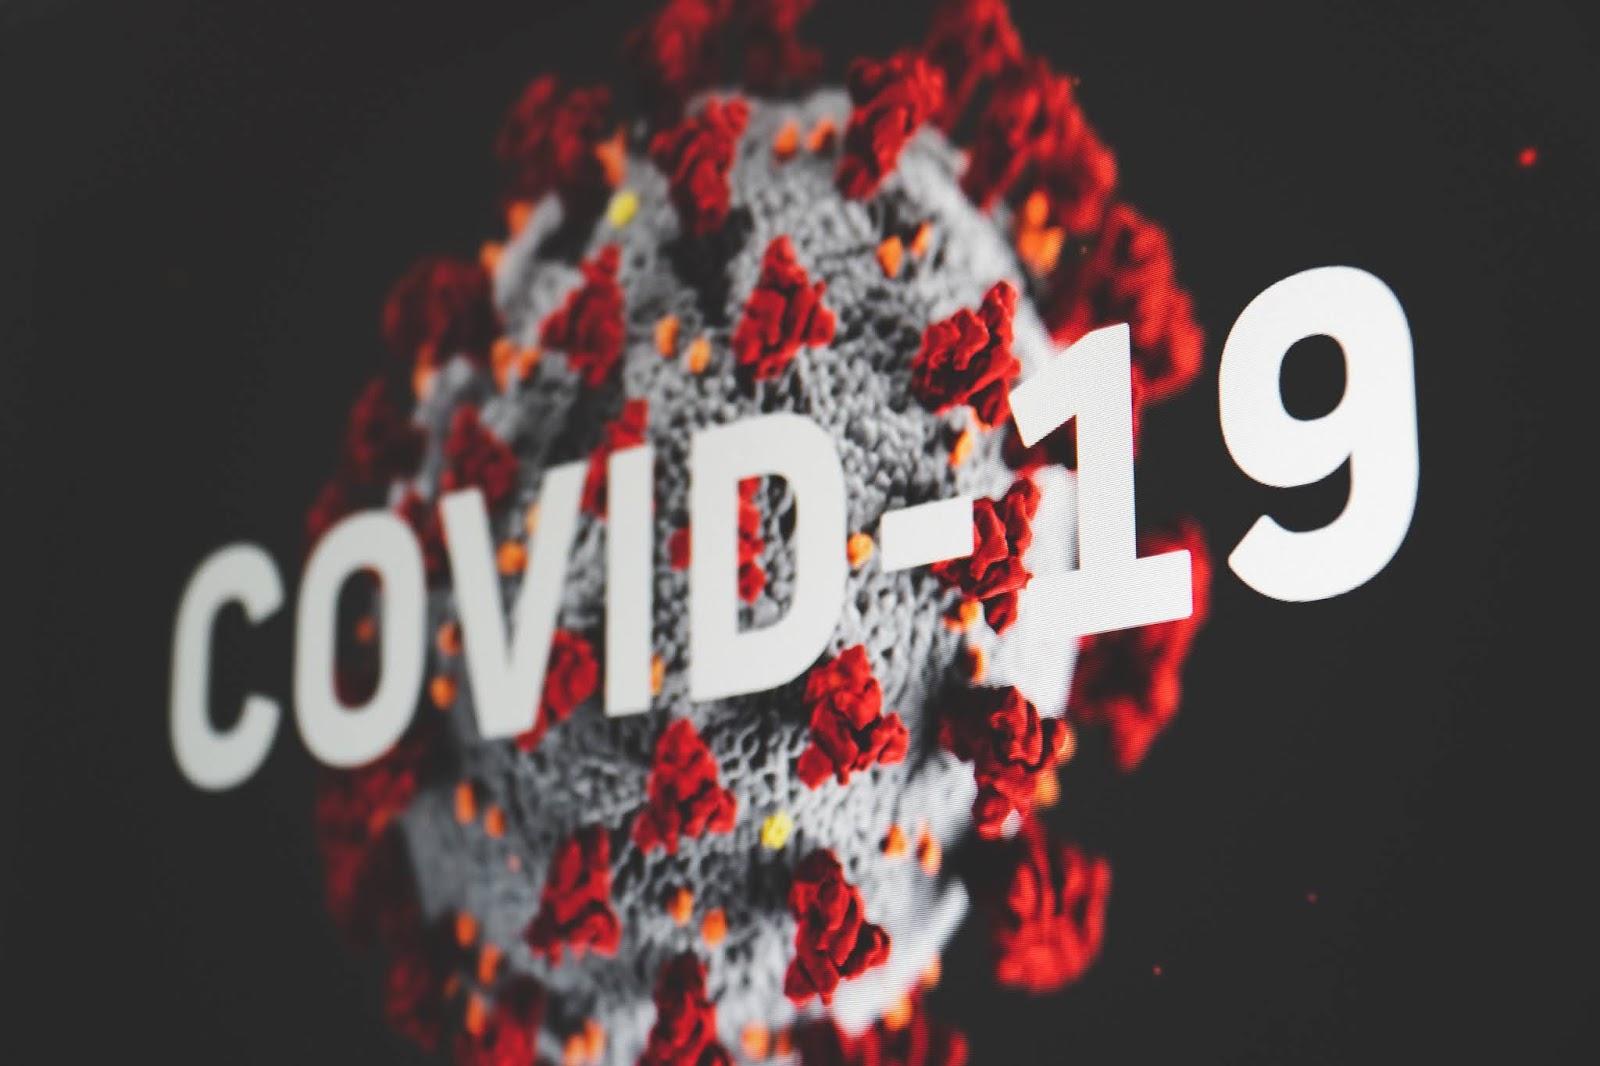 Κορονοϊός: 124 νέα κρούσματα σήμερα 05/08 ανακοίνωσε ο ΕΟΔΥ